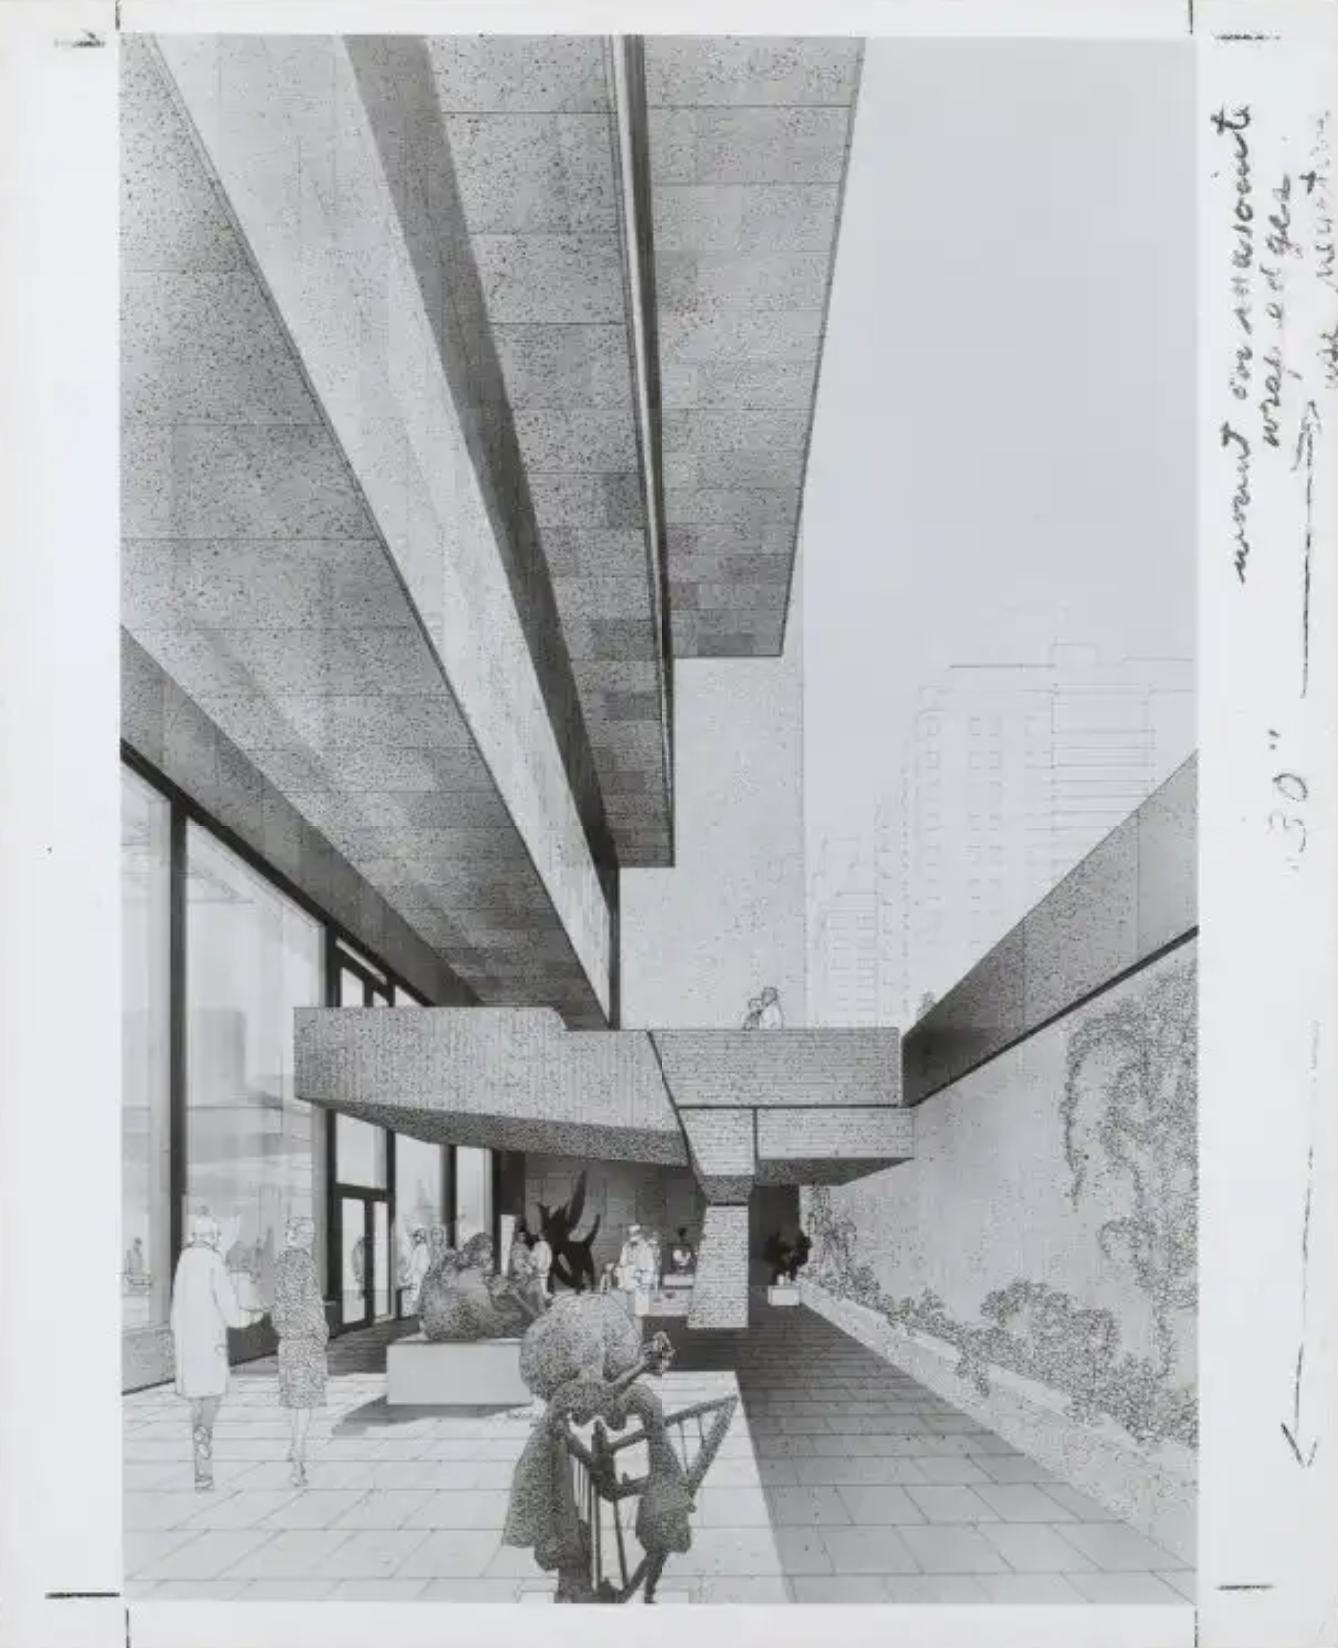 Rendering of sunken sculpture garden, showign the entrance bridge and projecting floors overhead